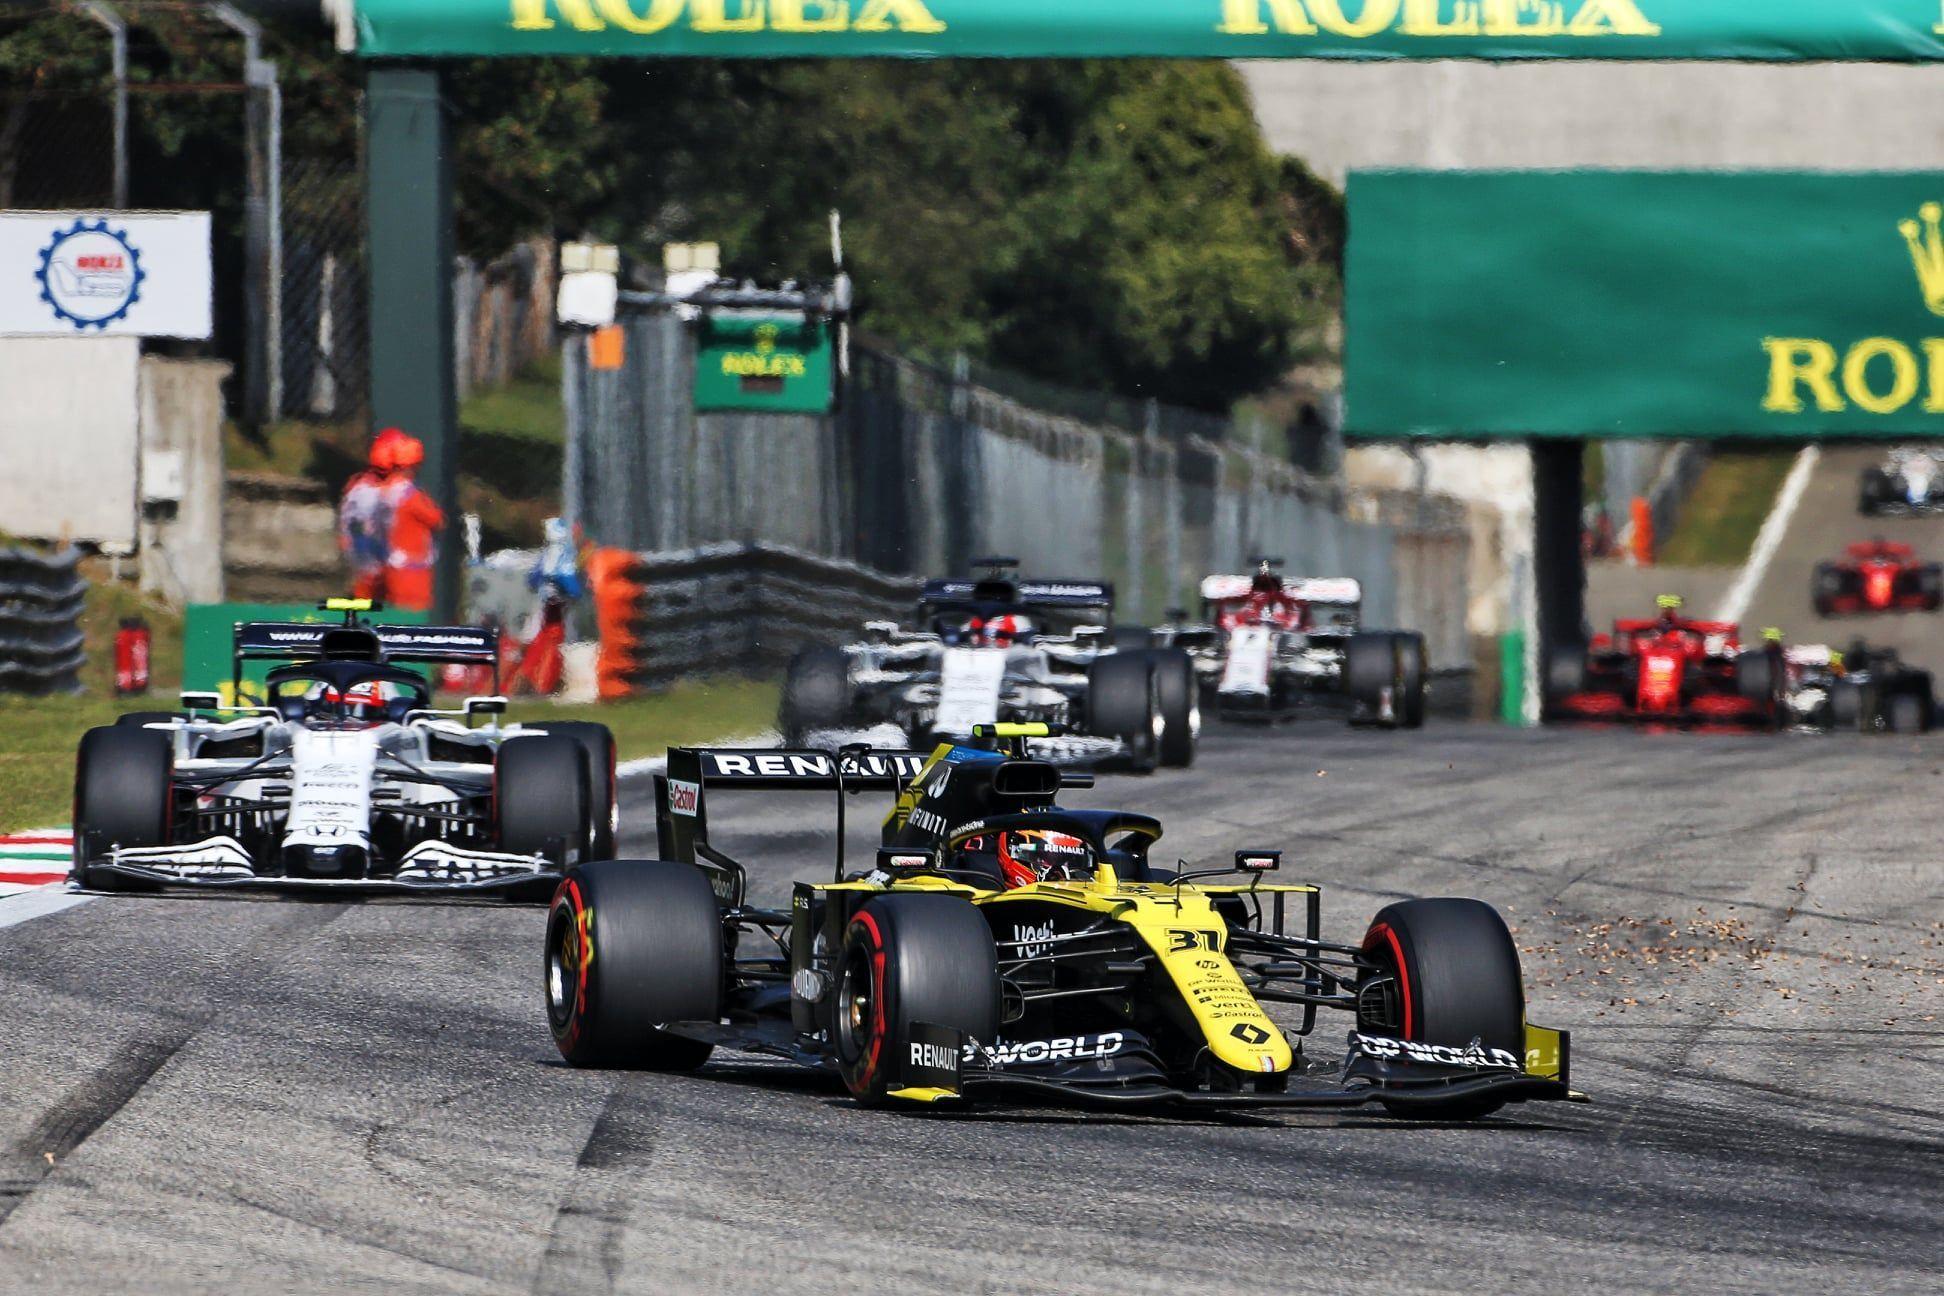 Esteban Ocon, Daniel Ricciardo, F1